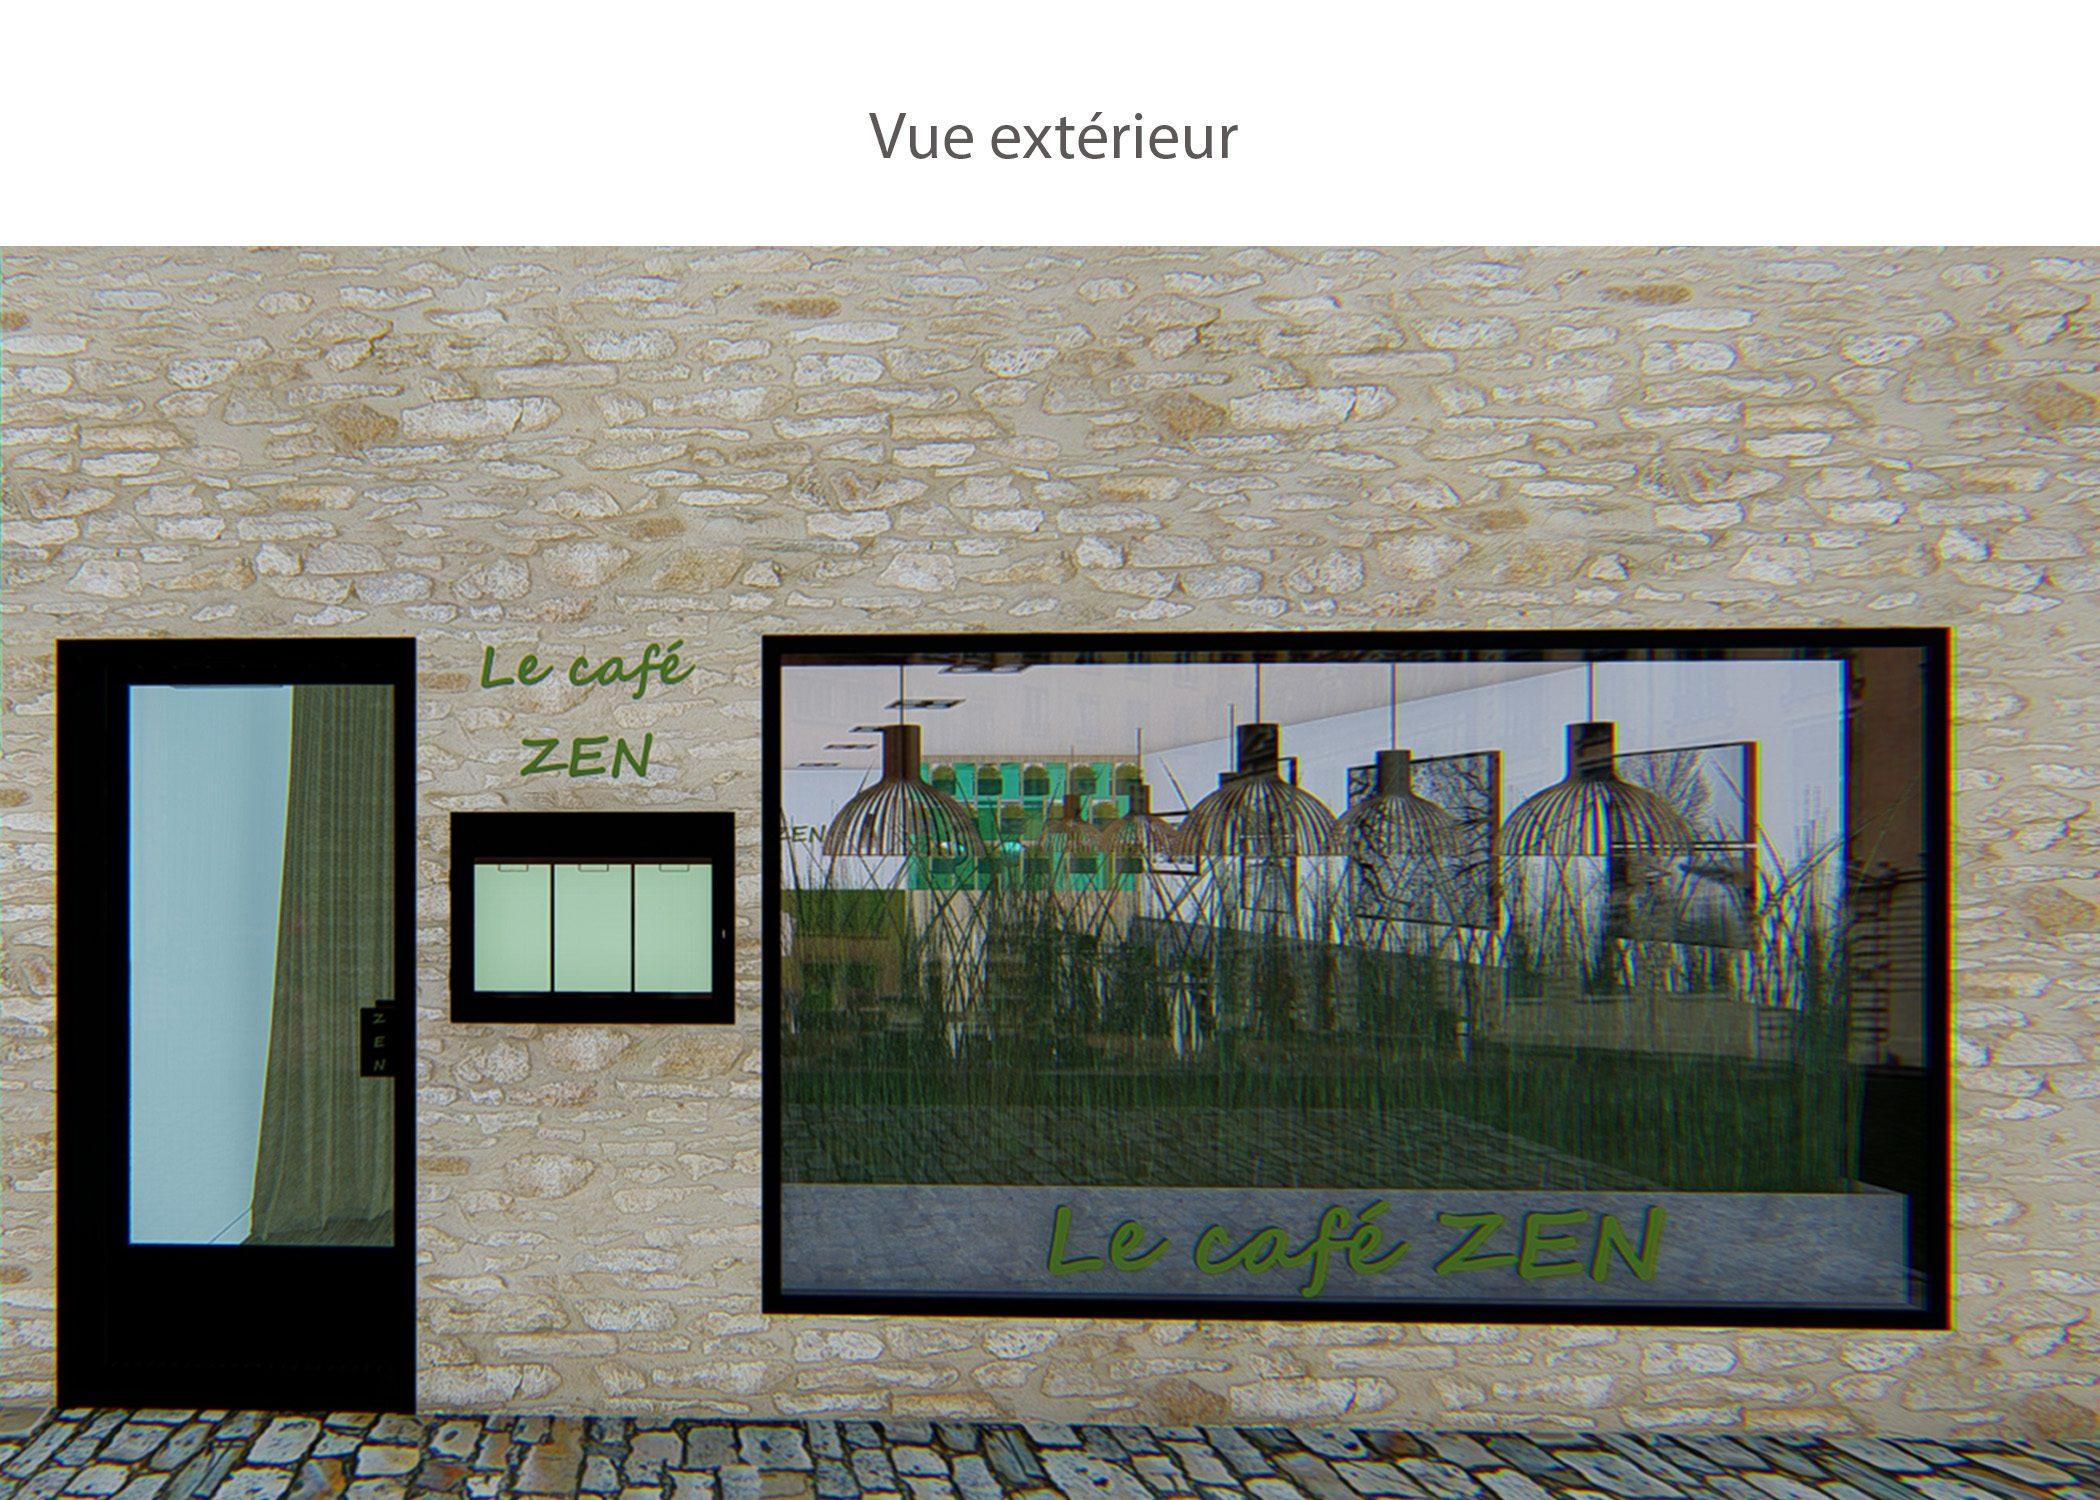 amenagement-decoration-restaurant-lyon-vue extérieure-dekho design